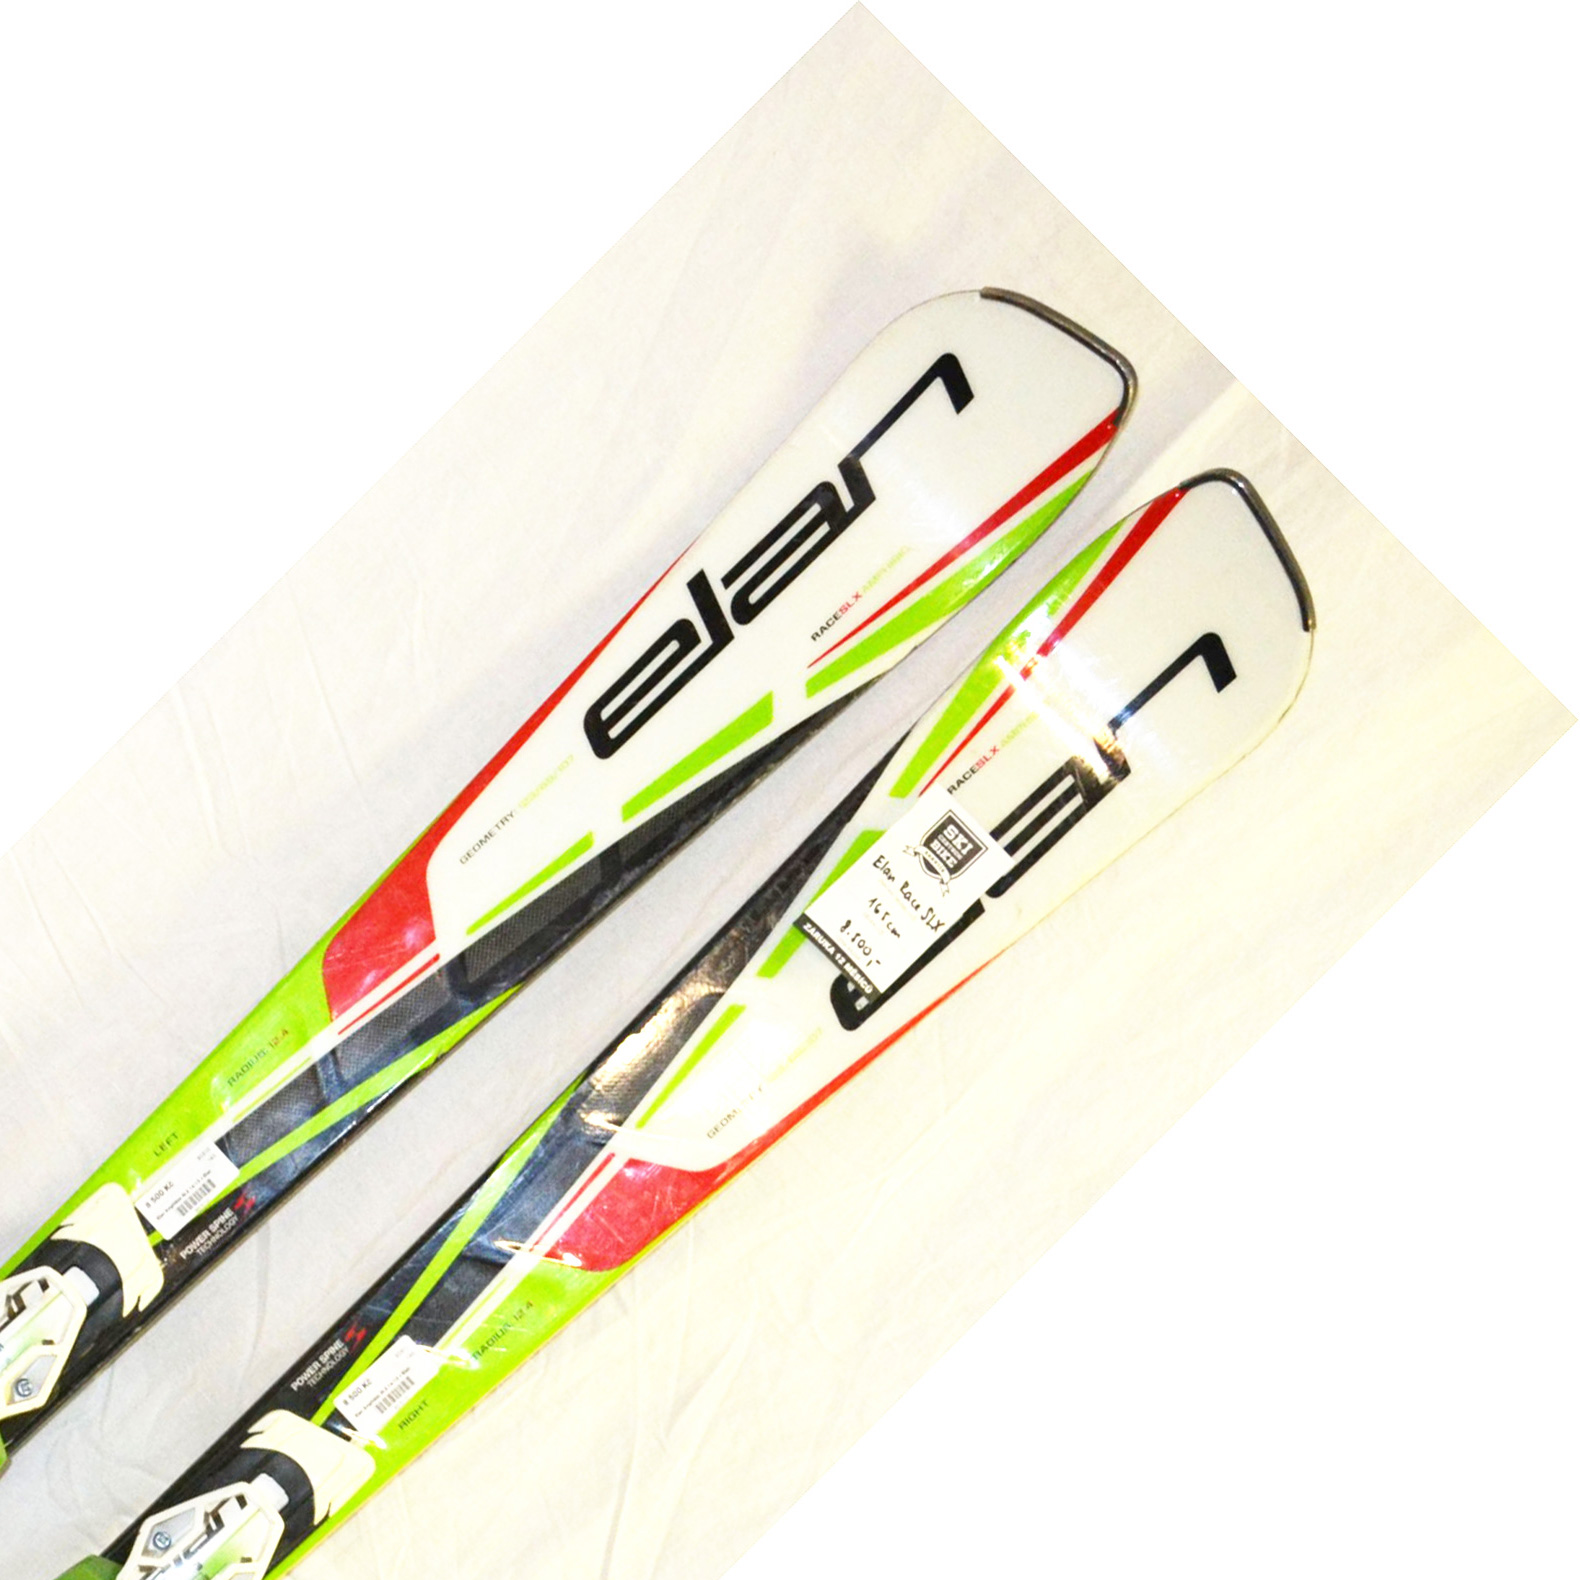 Bazar - sjezdové lyže Elan Amphibio SLX 14/15 + Elan ELX12 165cm 165